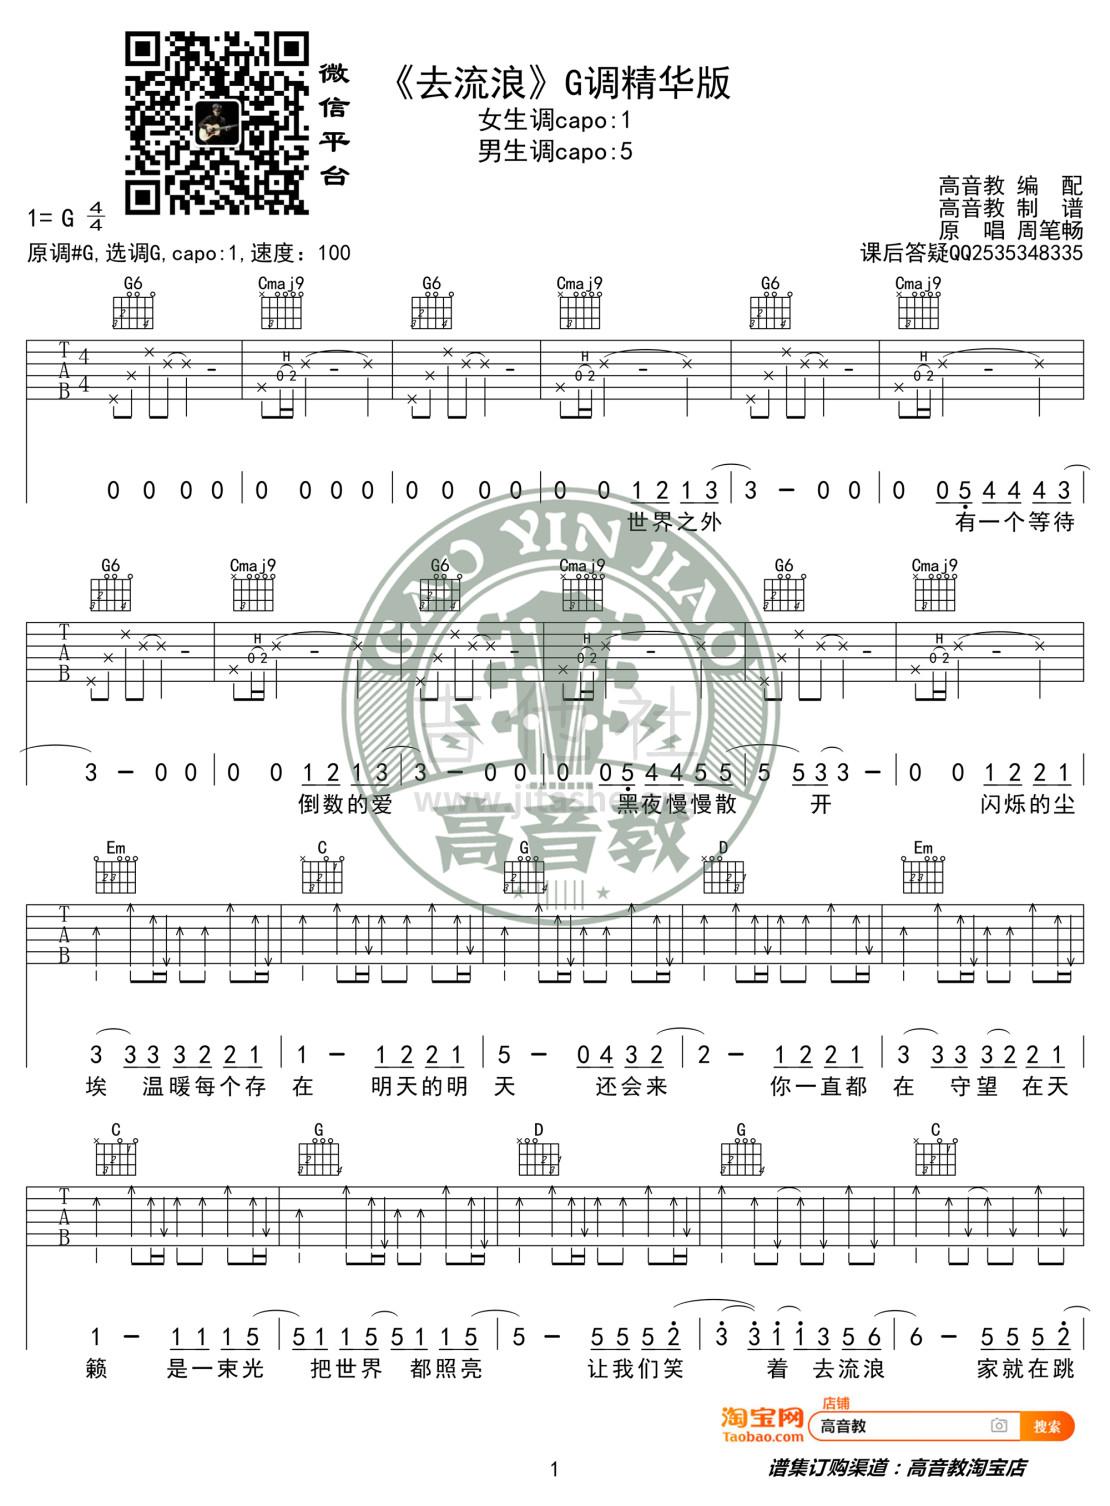 去流浪(《流浪地球》推广曲)吉他谱(图片谱,弹唱,G调,精华版)_周笔畅(BiBi Chou)_《去流浪》G调精华版01.jpg